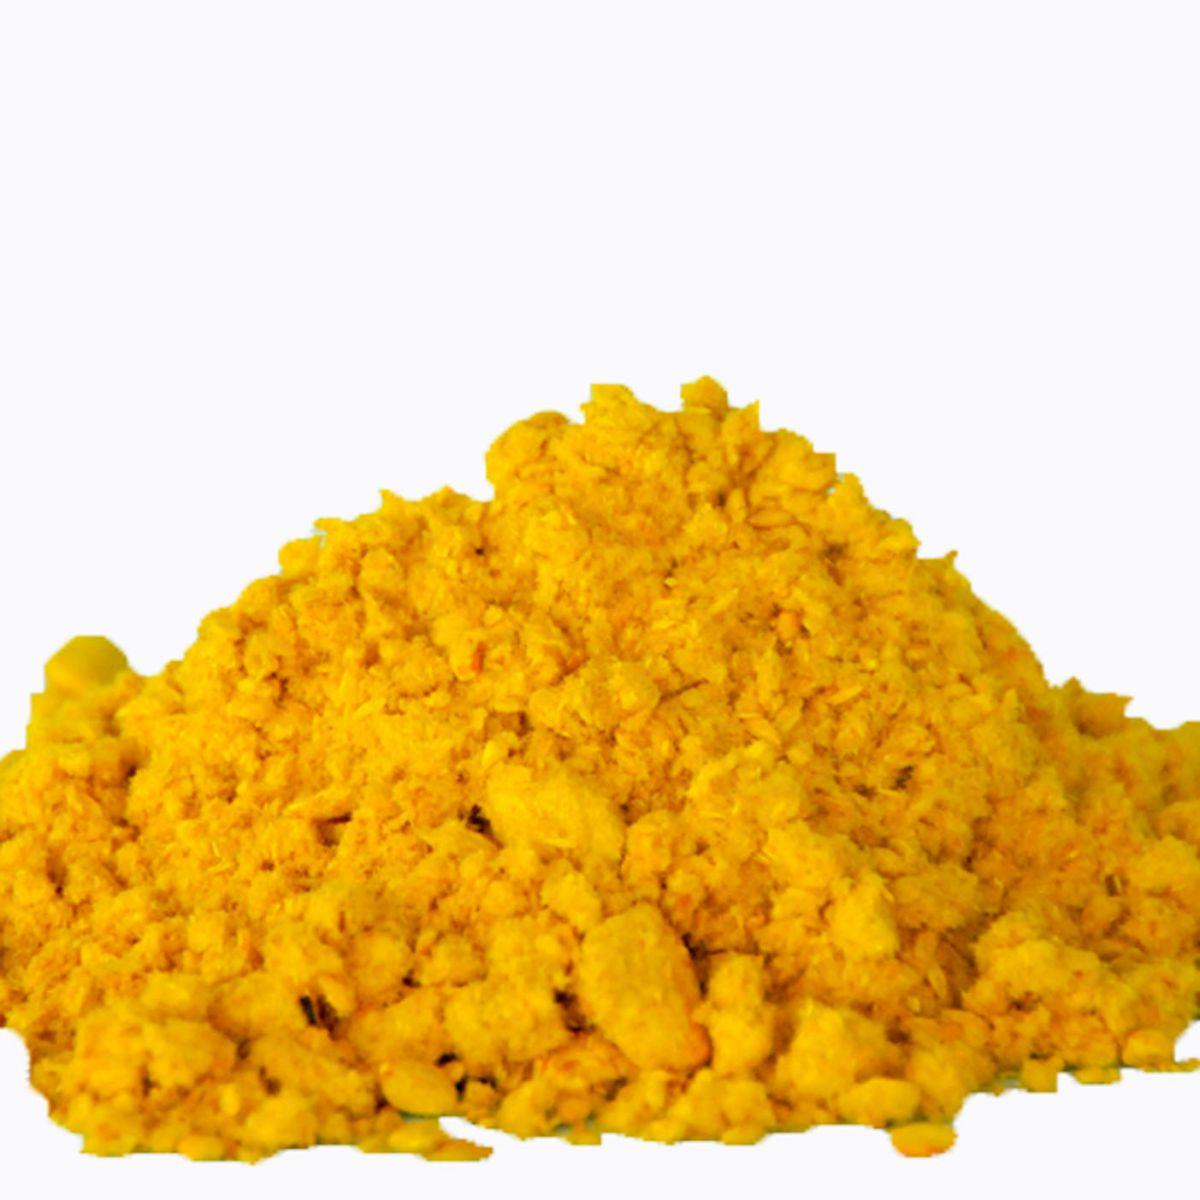 Sodium 2,4-dinitrophenolate